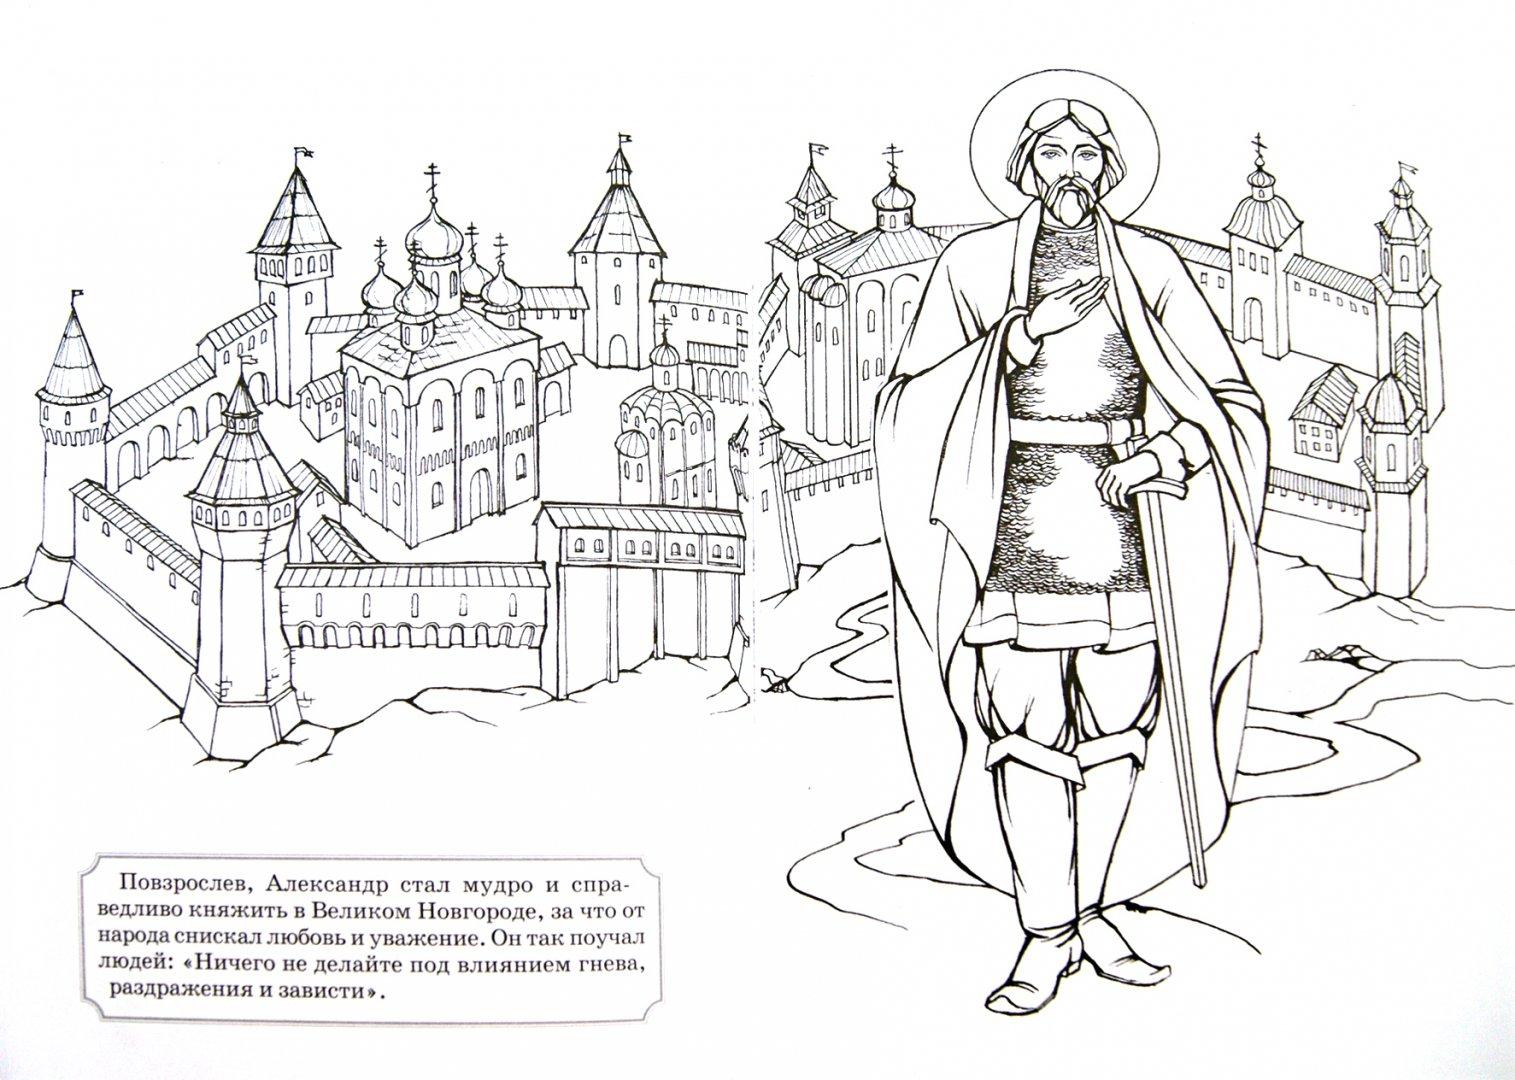 Картинки, картинки князя владимира для срисовки